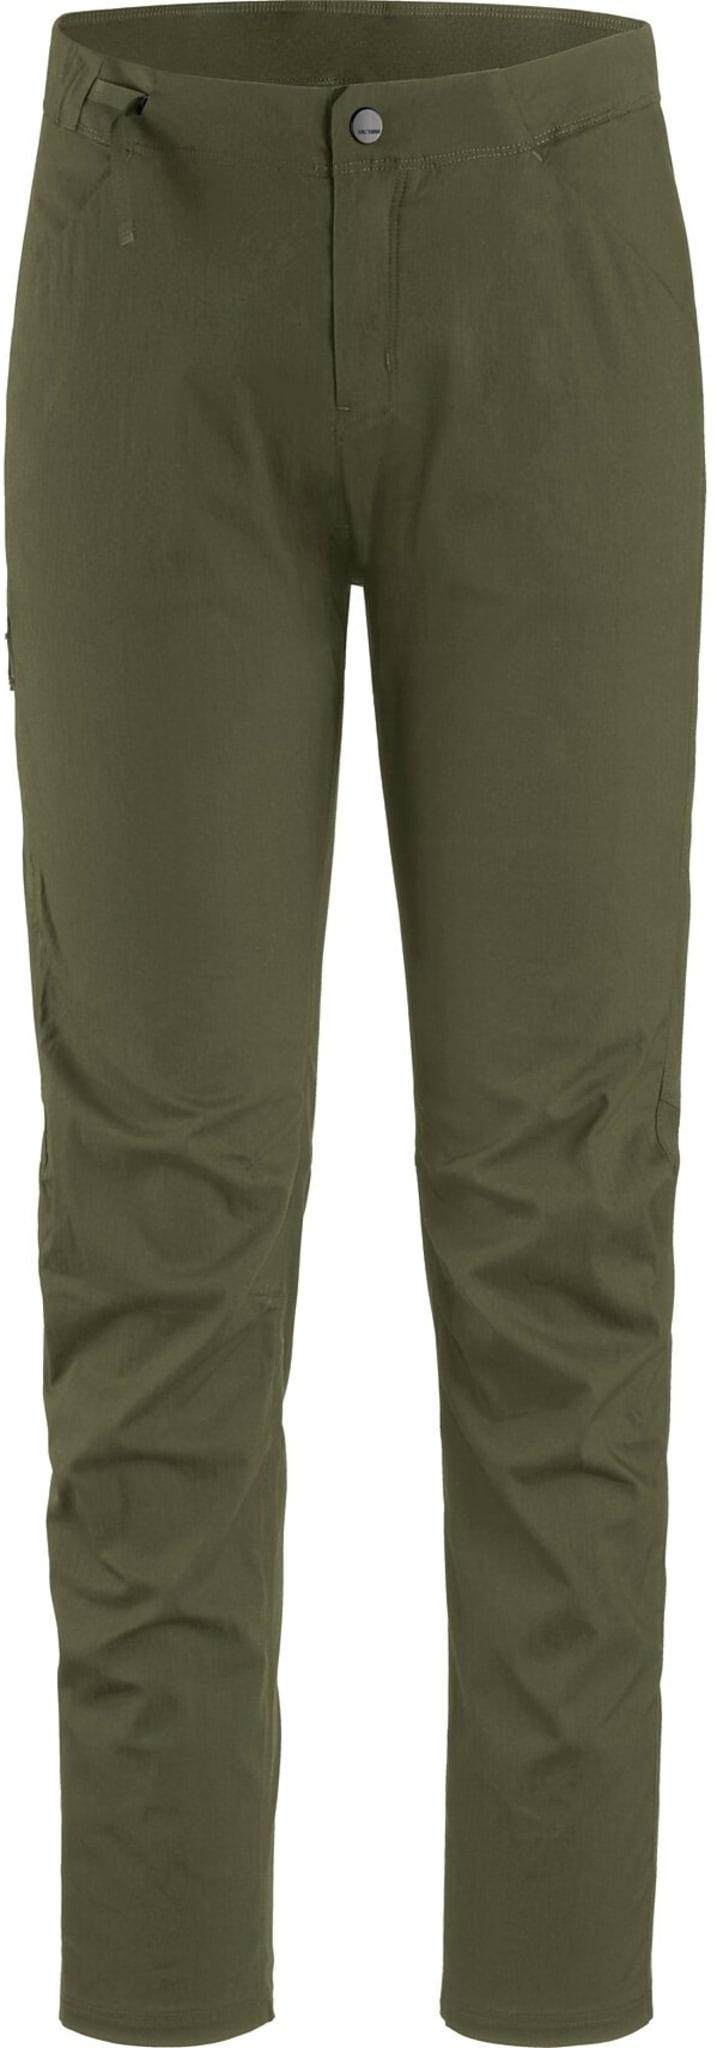 Komfy og stretchy bukse til klatring og fjellaktivitet